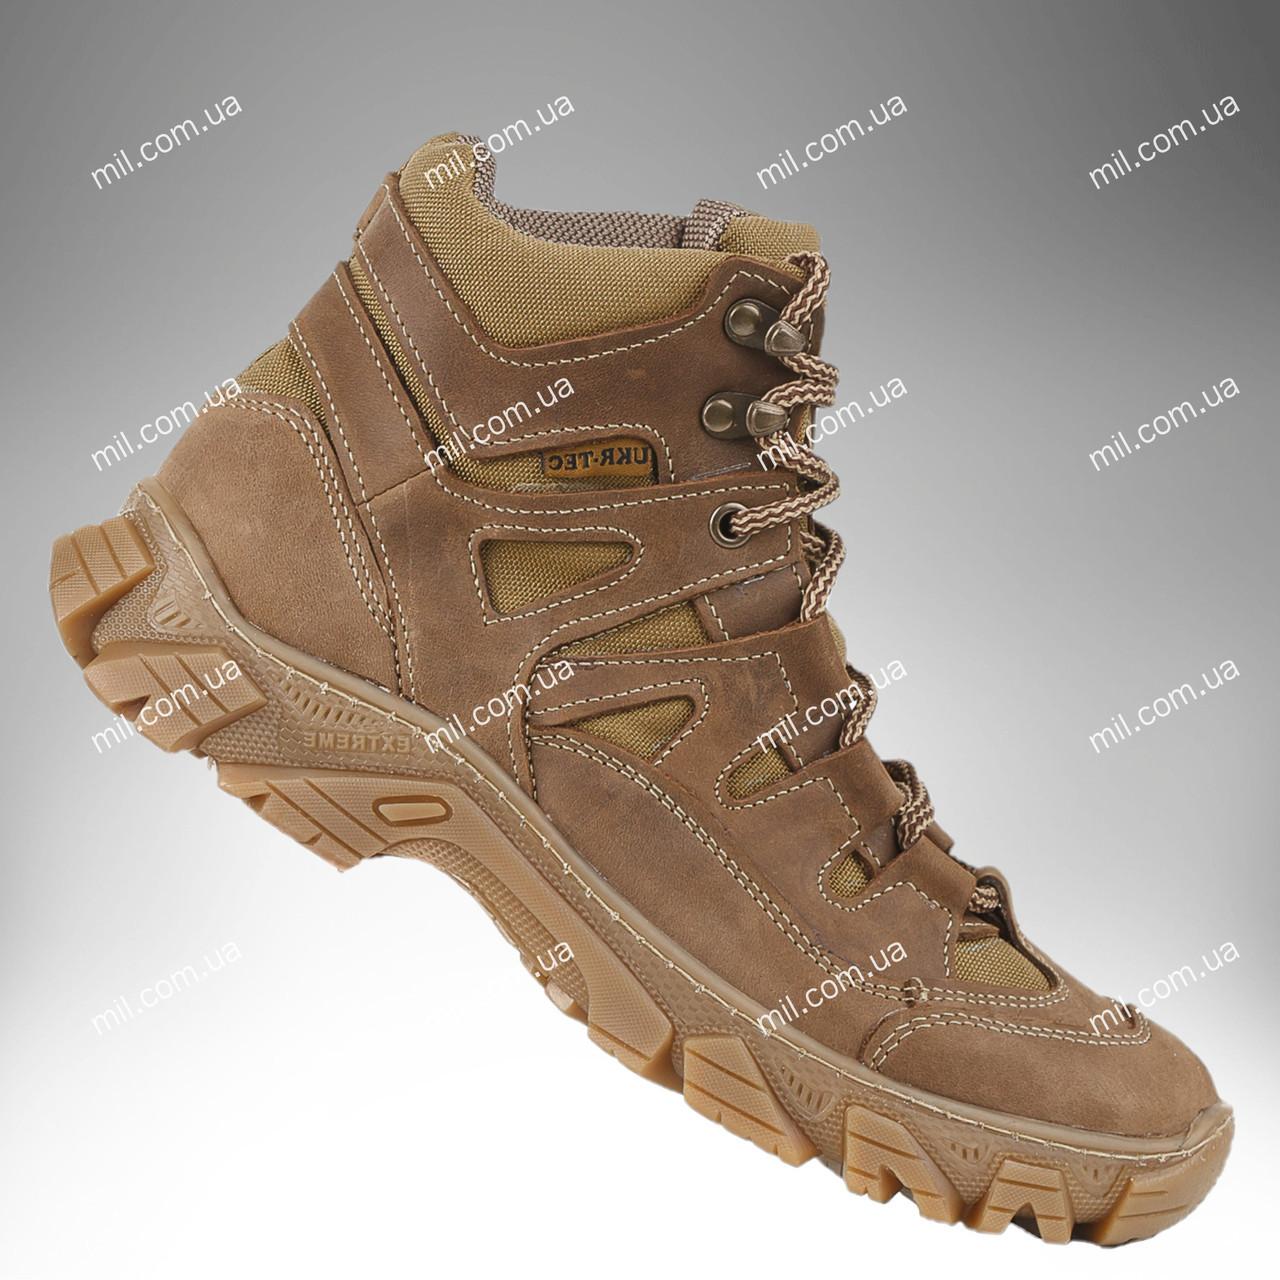 Тактическая зимняя обувь / военные, армейские ботинки Tactic HARD Gen.II (крейзи)